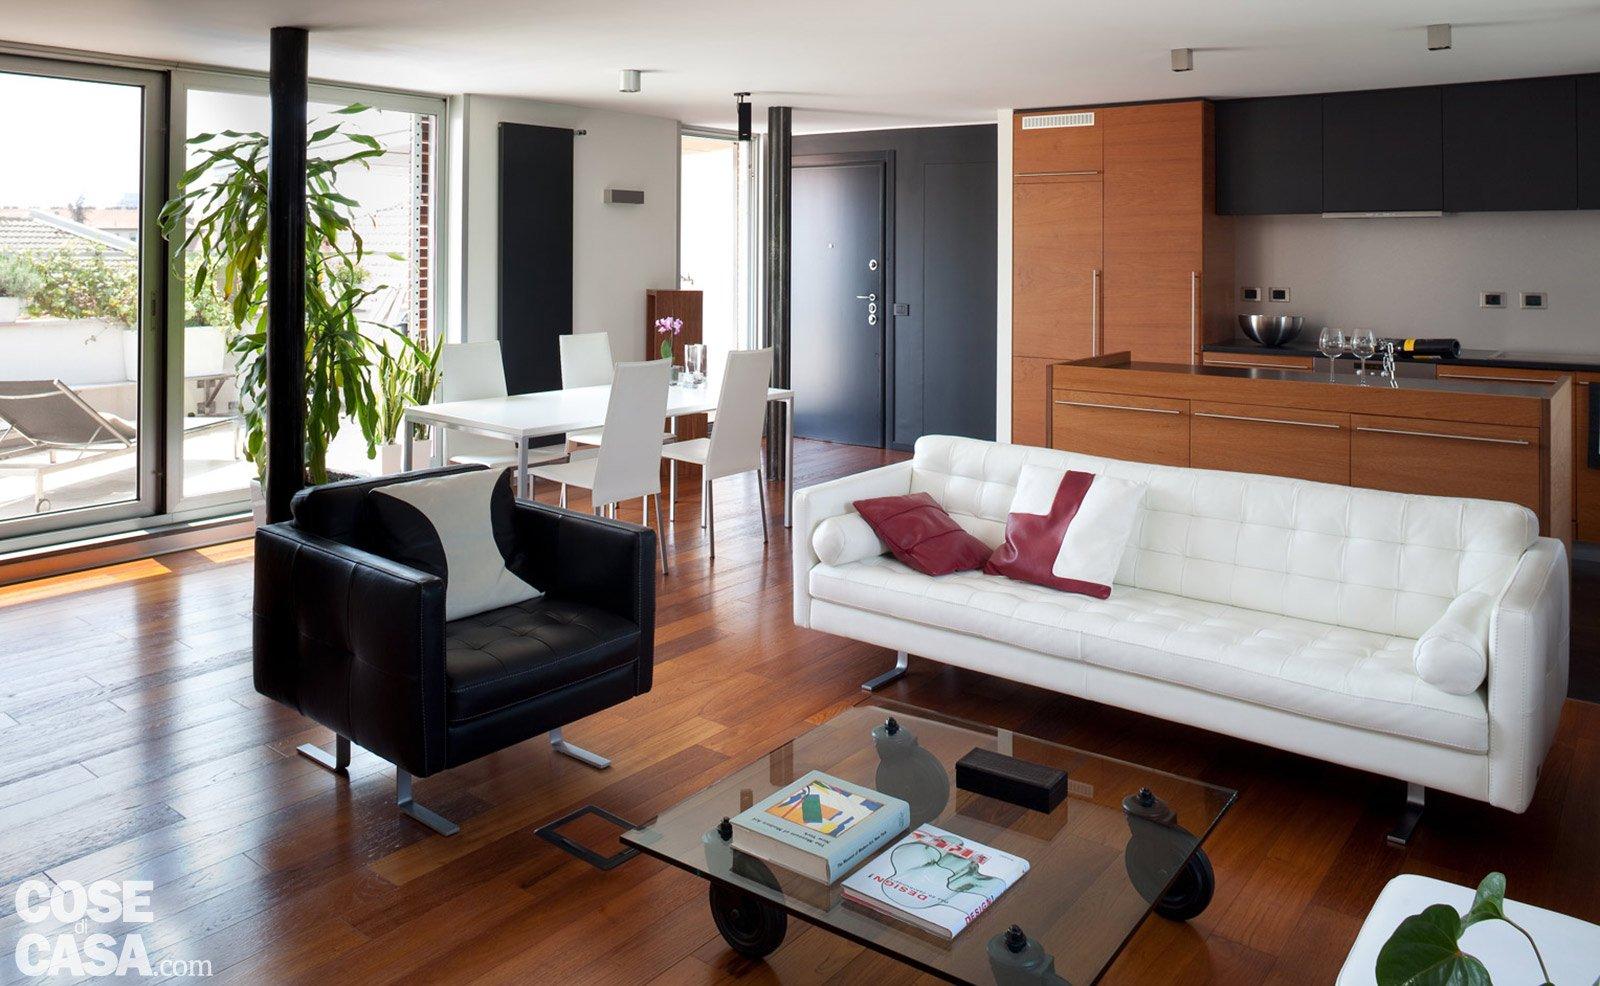 80 mq una casa per due perfetta per fare inviti cose for Arredare casa moderna 80 mq